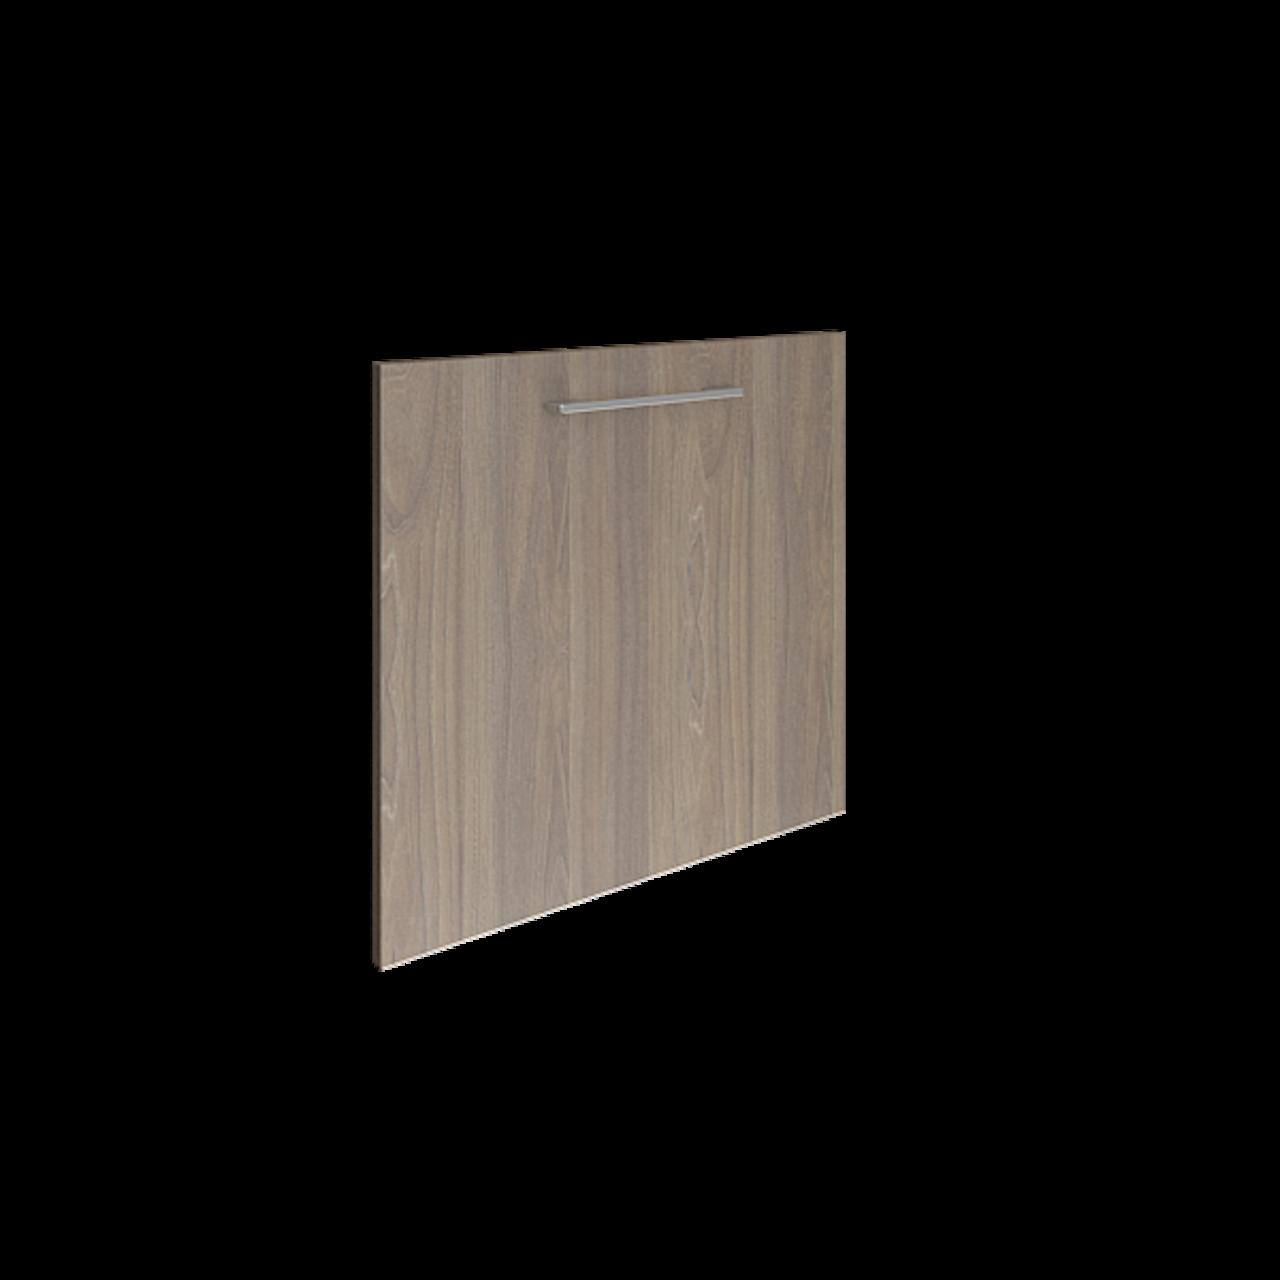 Дверь дсп шкаф четырехсекционный левая - фото 4